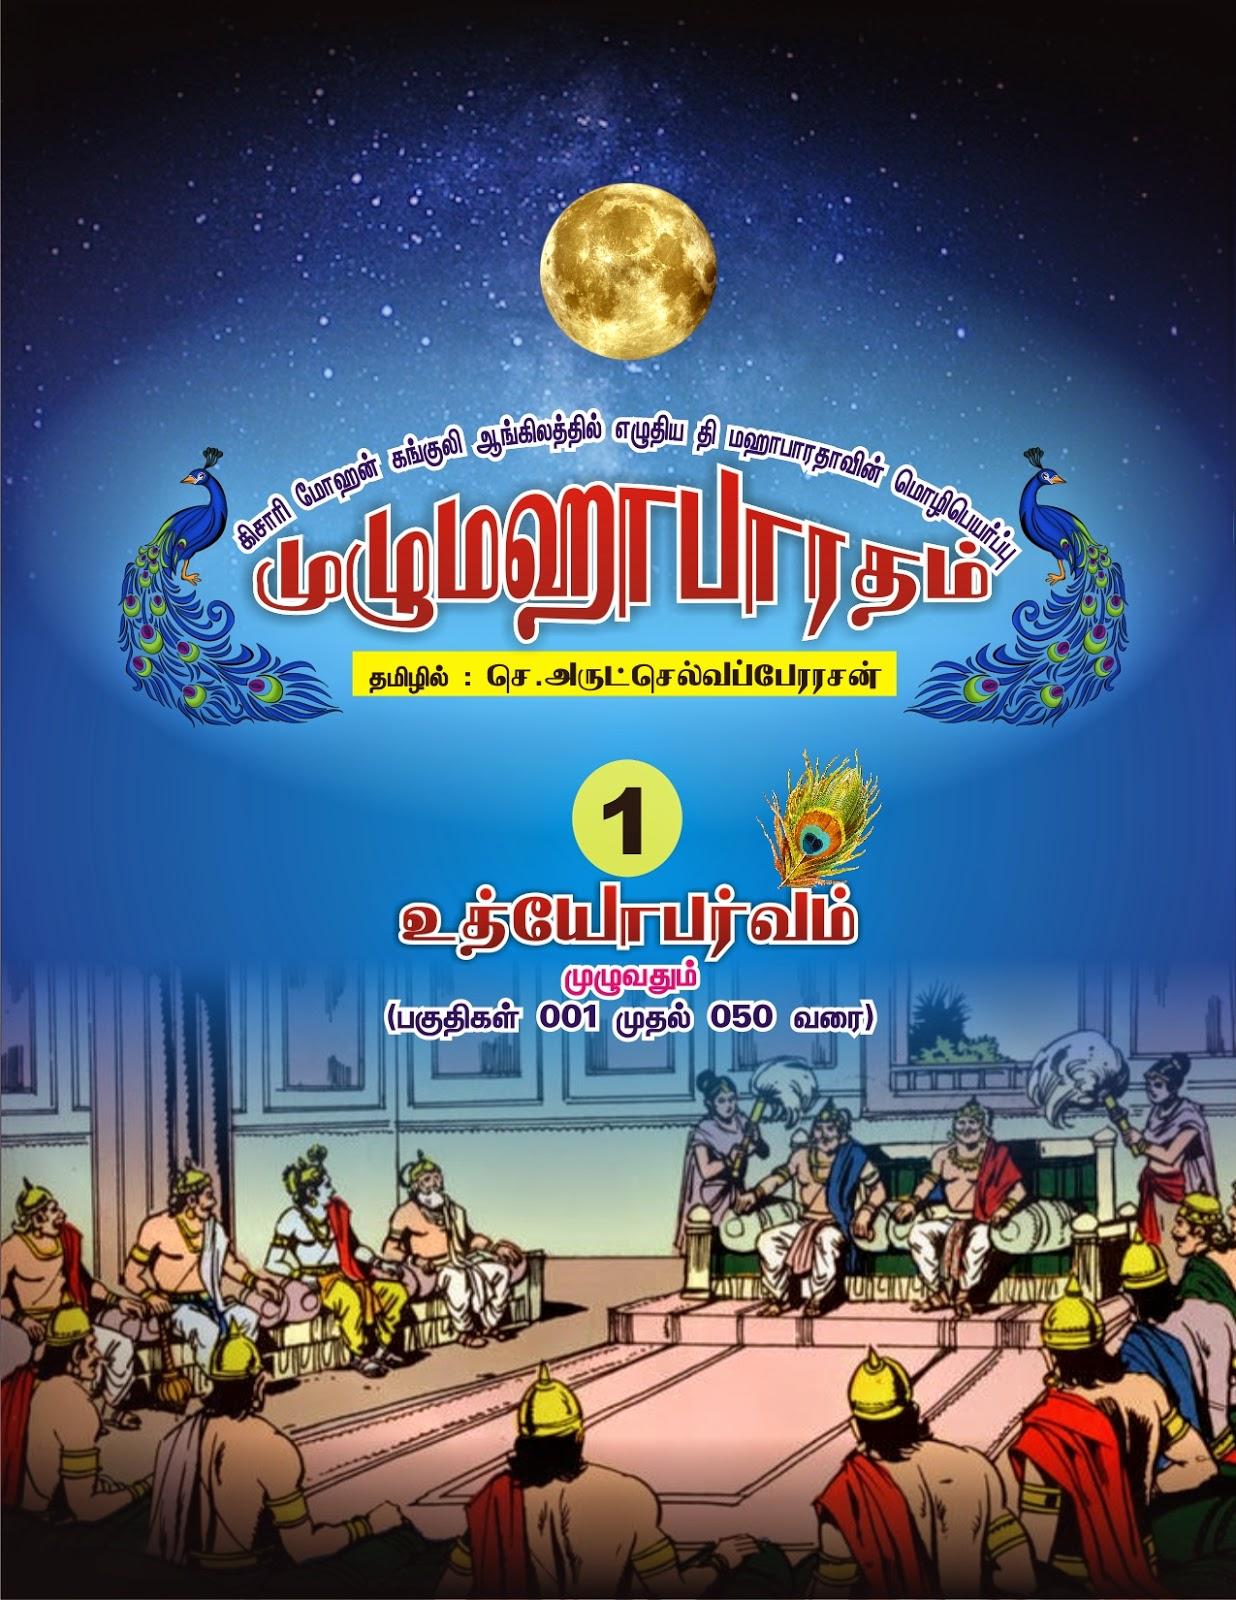 உலகப் புகழ்பெற்ற மகாபாரதம் 7 அரிய புத்தகங்கள்  Udyoga%2BParva%2BWrapper